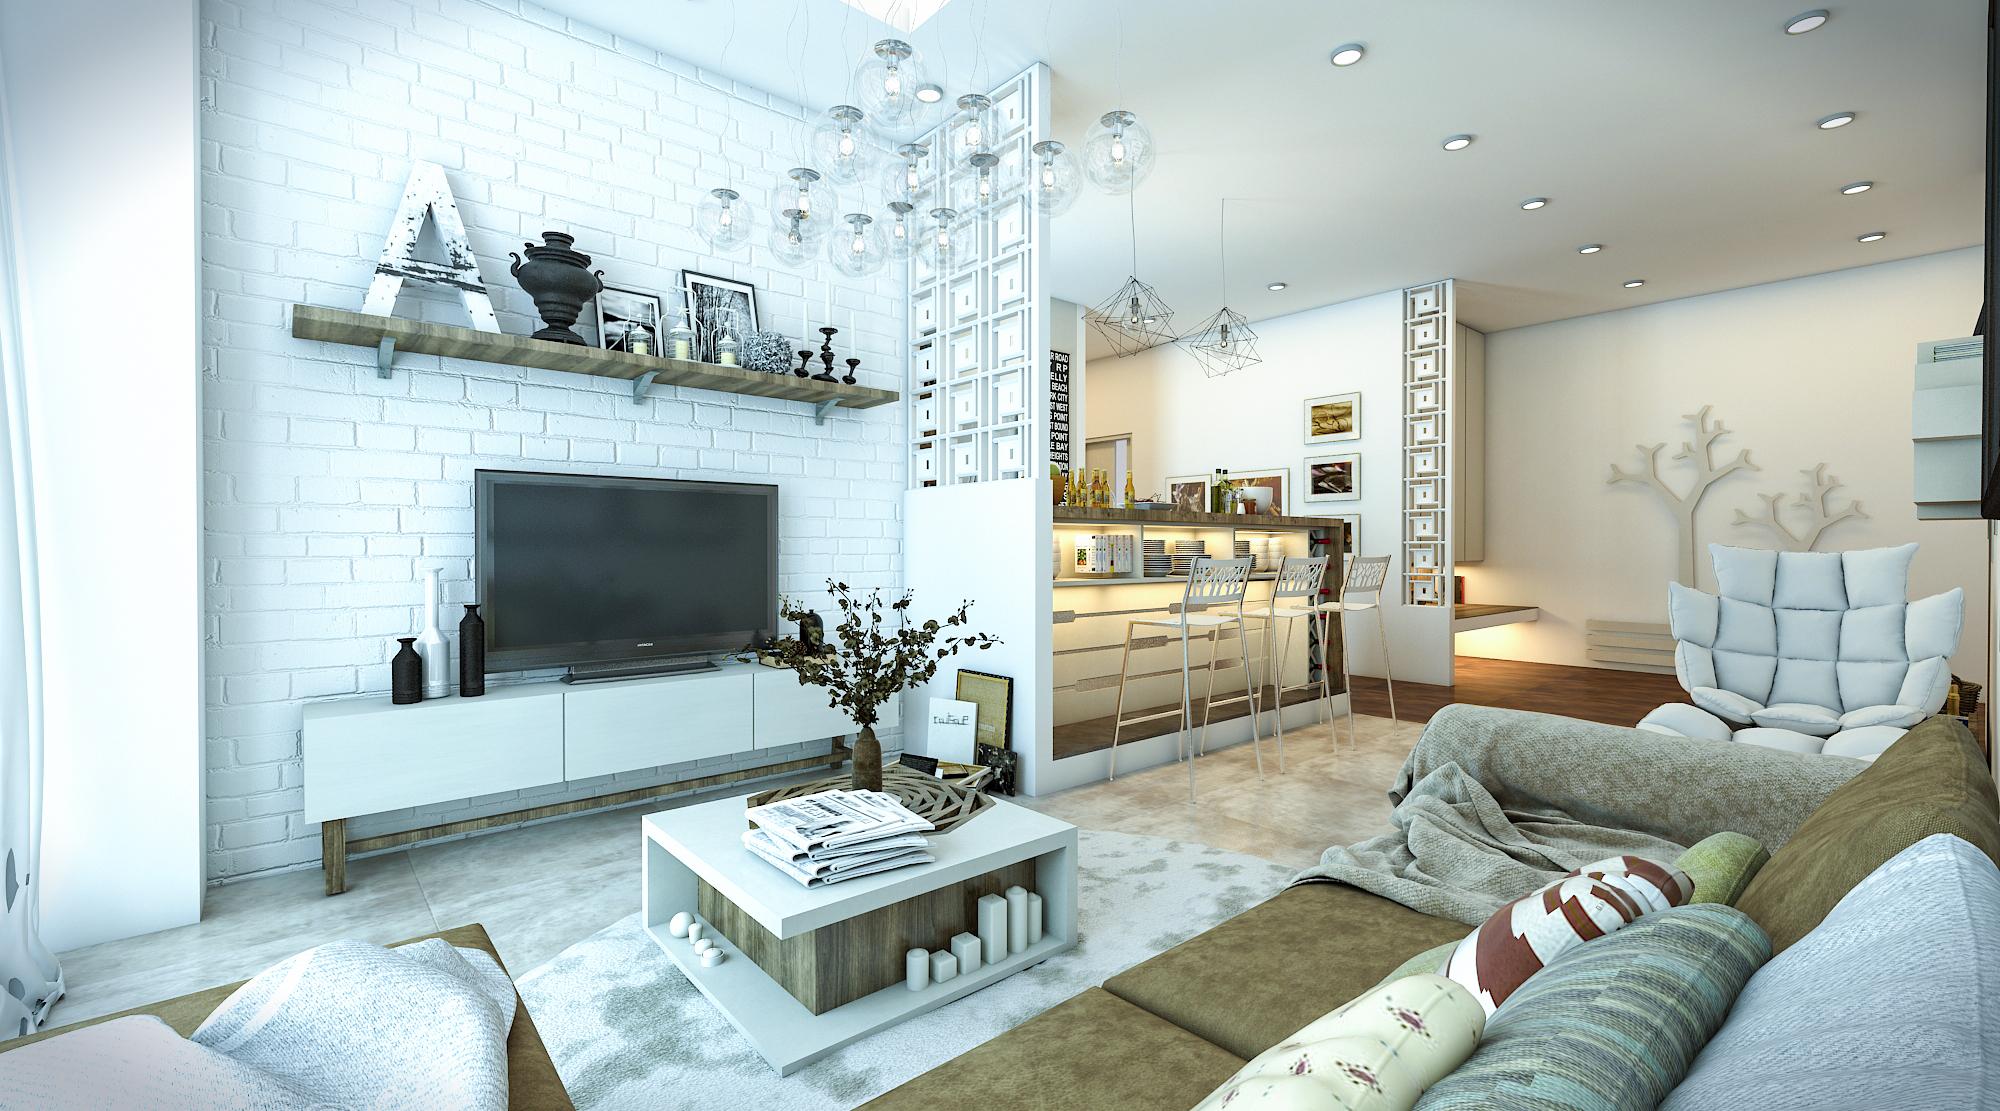 thiết kế nội thất chung cư tại Hồ Chí Minh Ms. Ly Apartment 8 1562574639